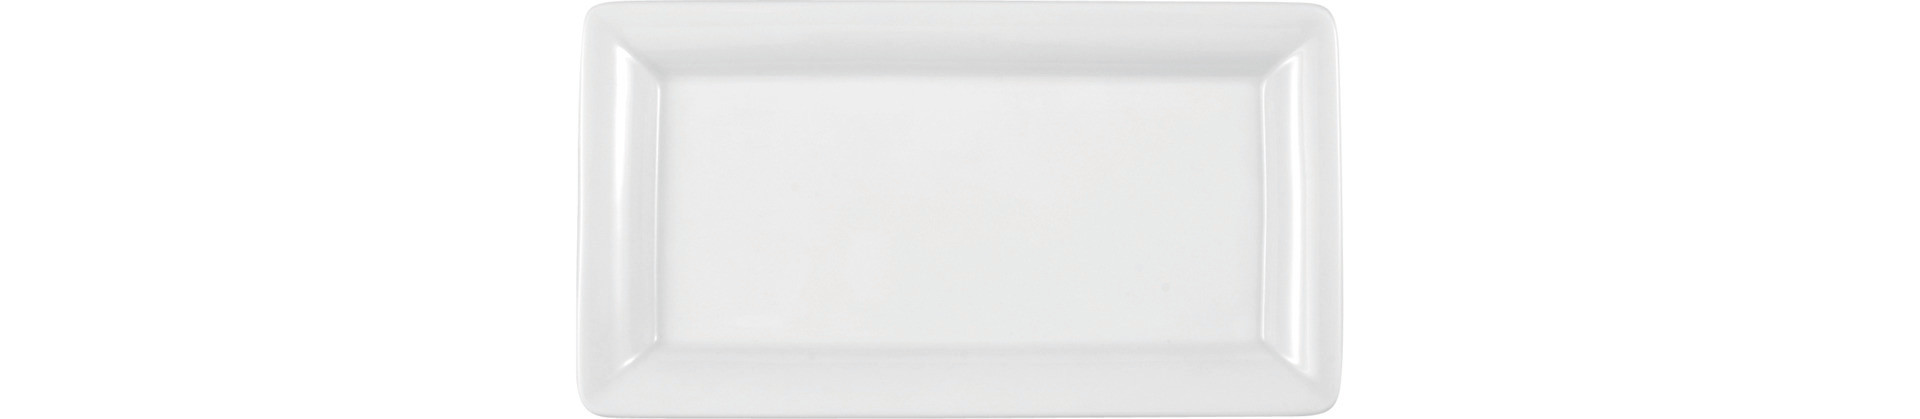 Buffet Gourmet, Platte rechteckig 250 x 140 mm